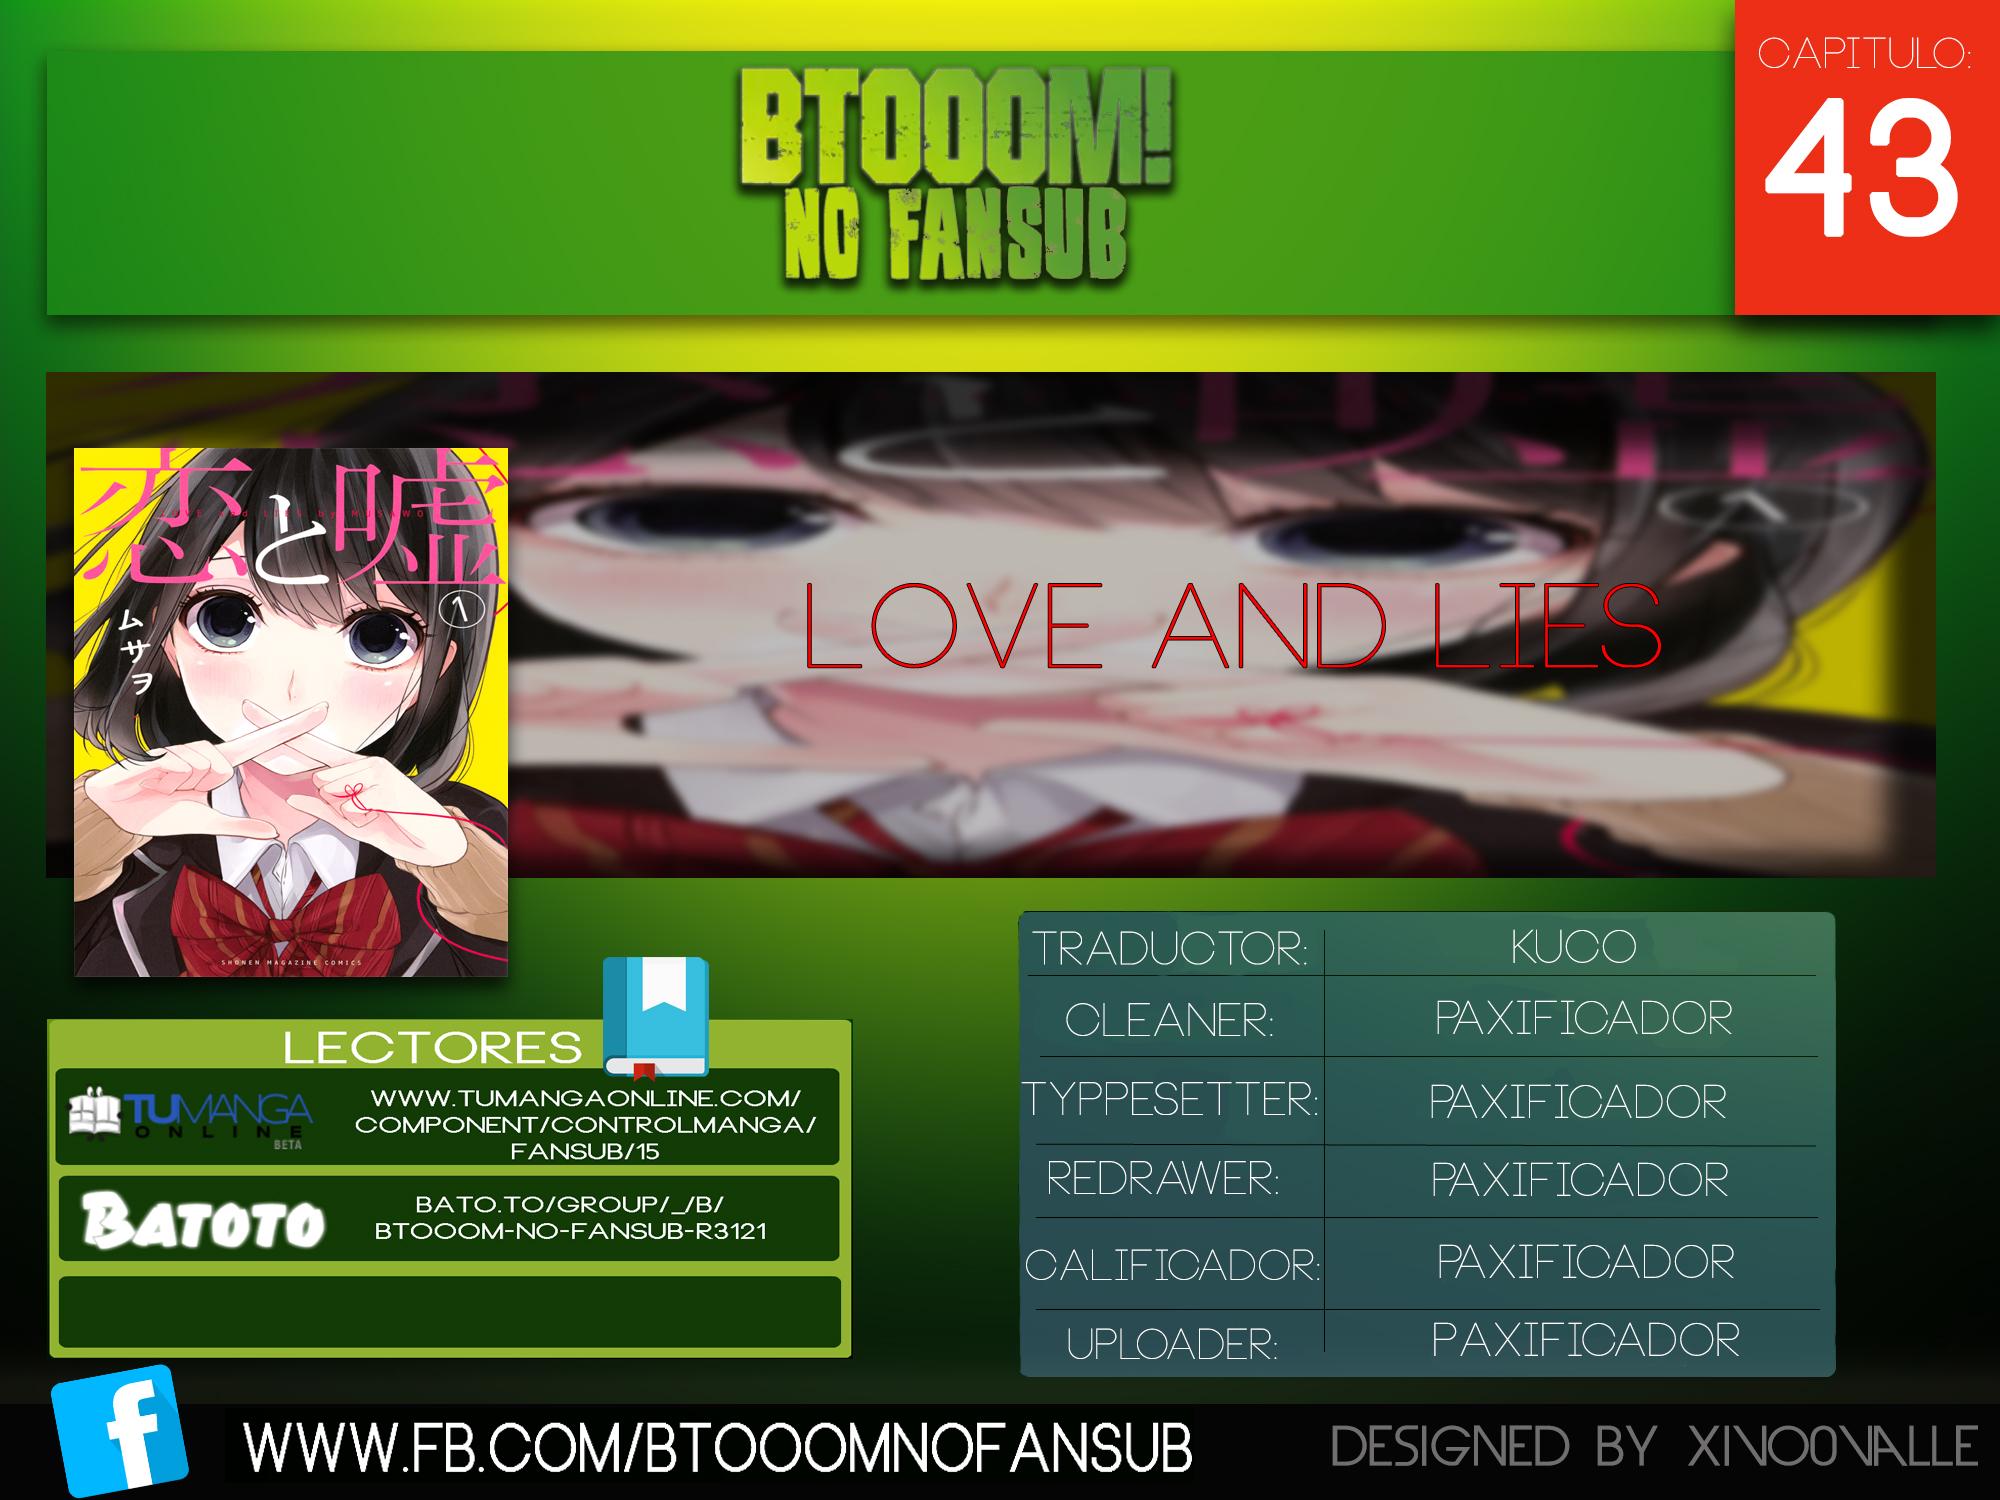 http://c5.ninemanga.com/es_manga/14/14734/383185/9567f61c97ee09f33cf0200fc2765fcd.jpg Page 1